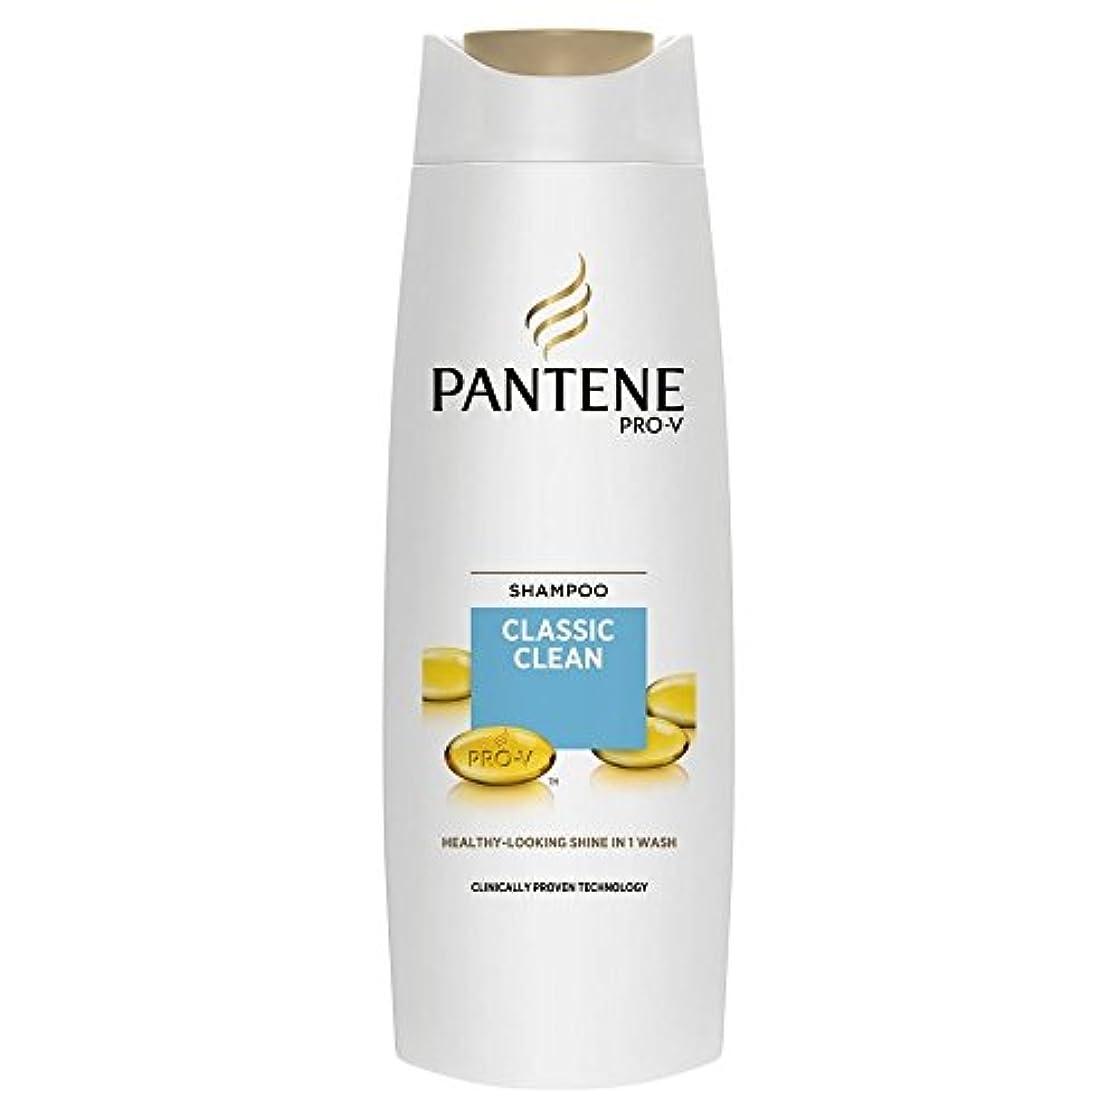 変装スイッチ破産Pantene Pro-V Classic Care Shampoo (250ml) パンテーンプロv古典的なケアシャンプー( 250ミリリットル) [並行輸入品]